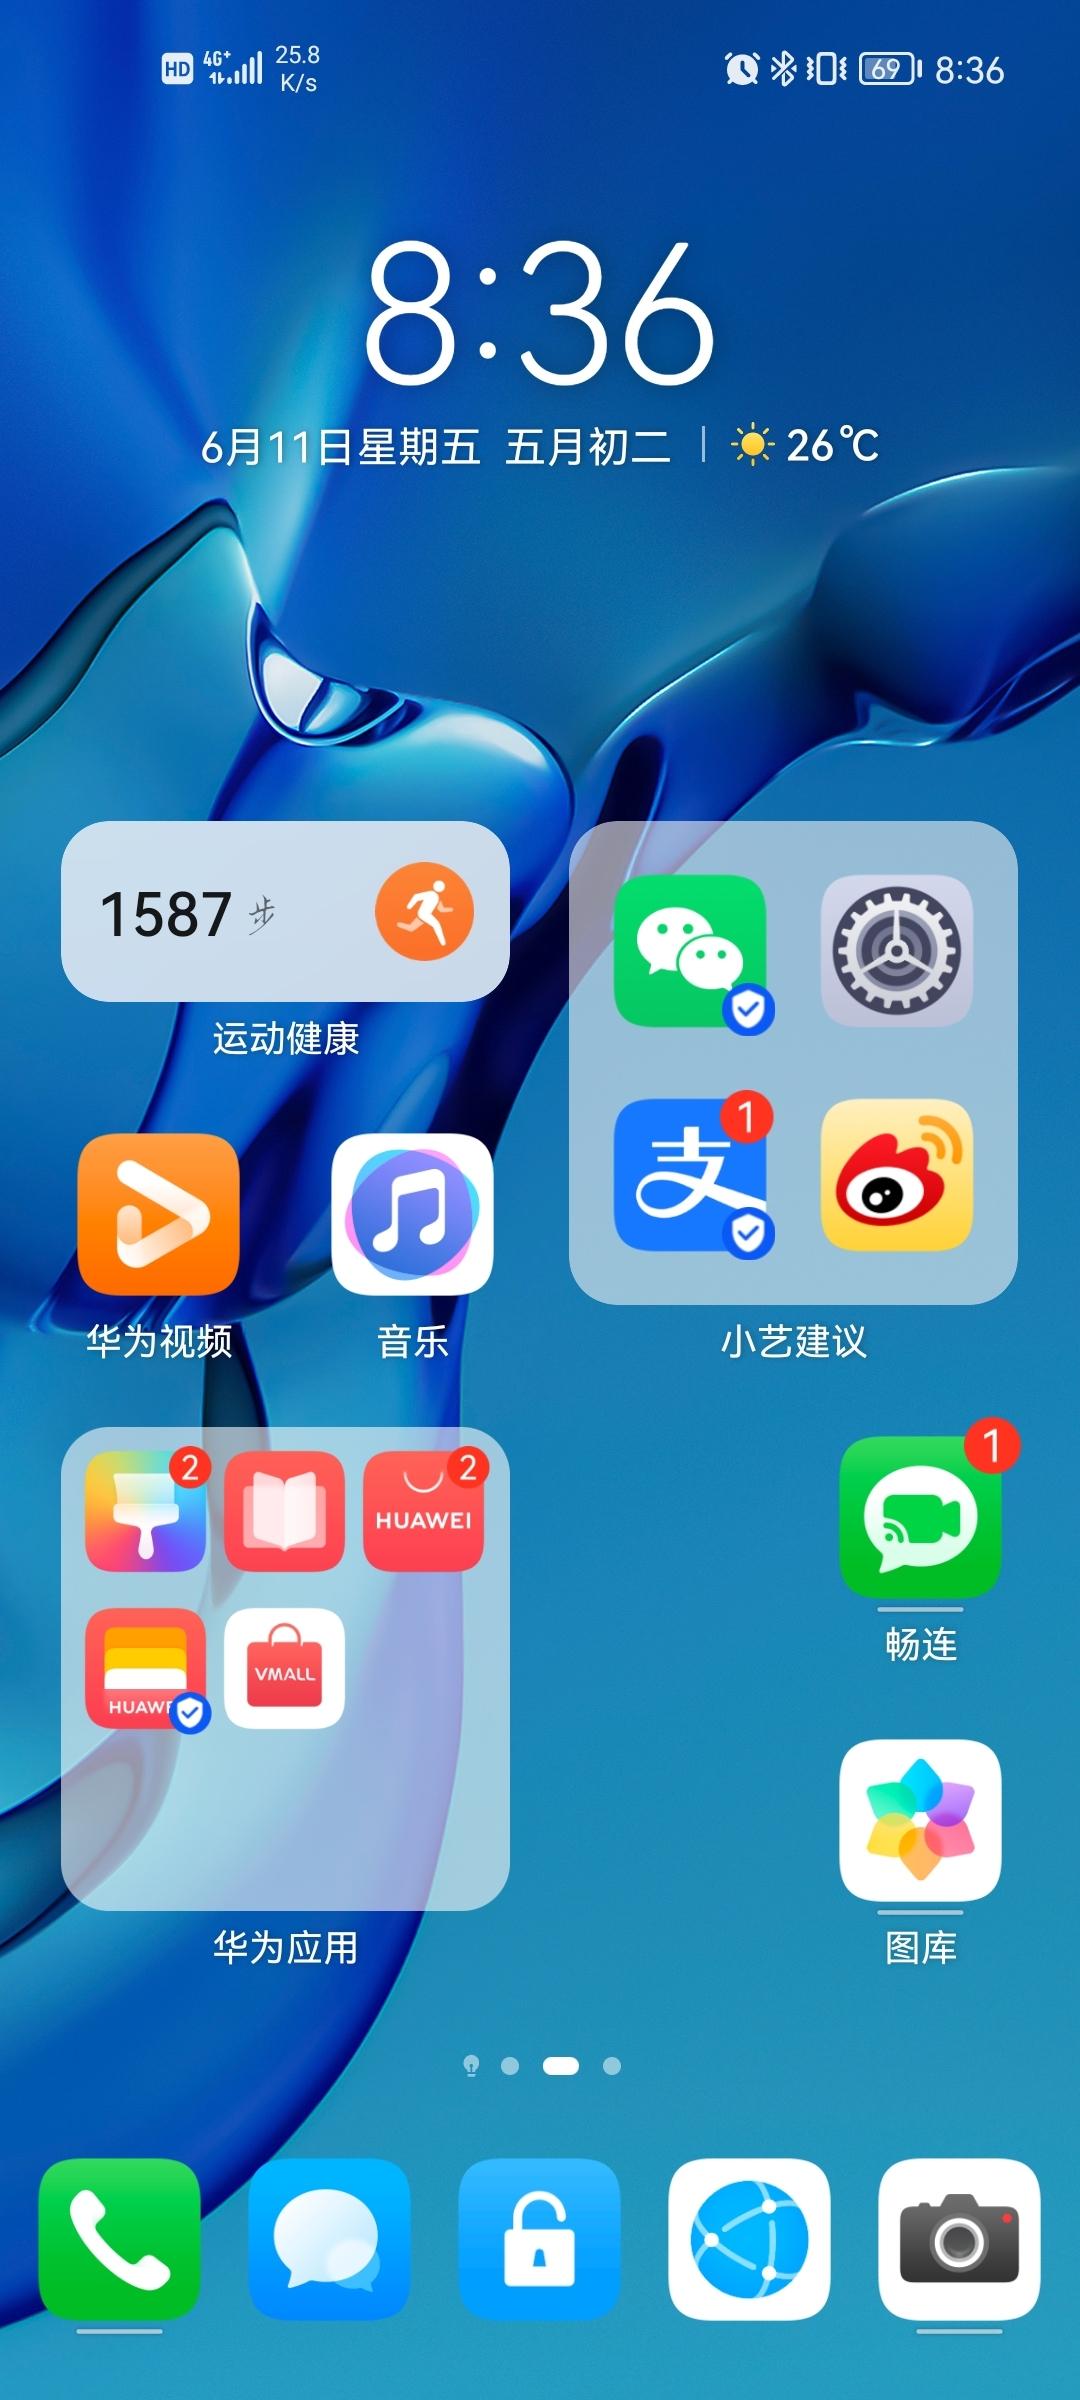 Screenshot_20210611_083614_com.huawei.android.launcher.jpg